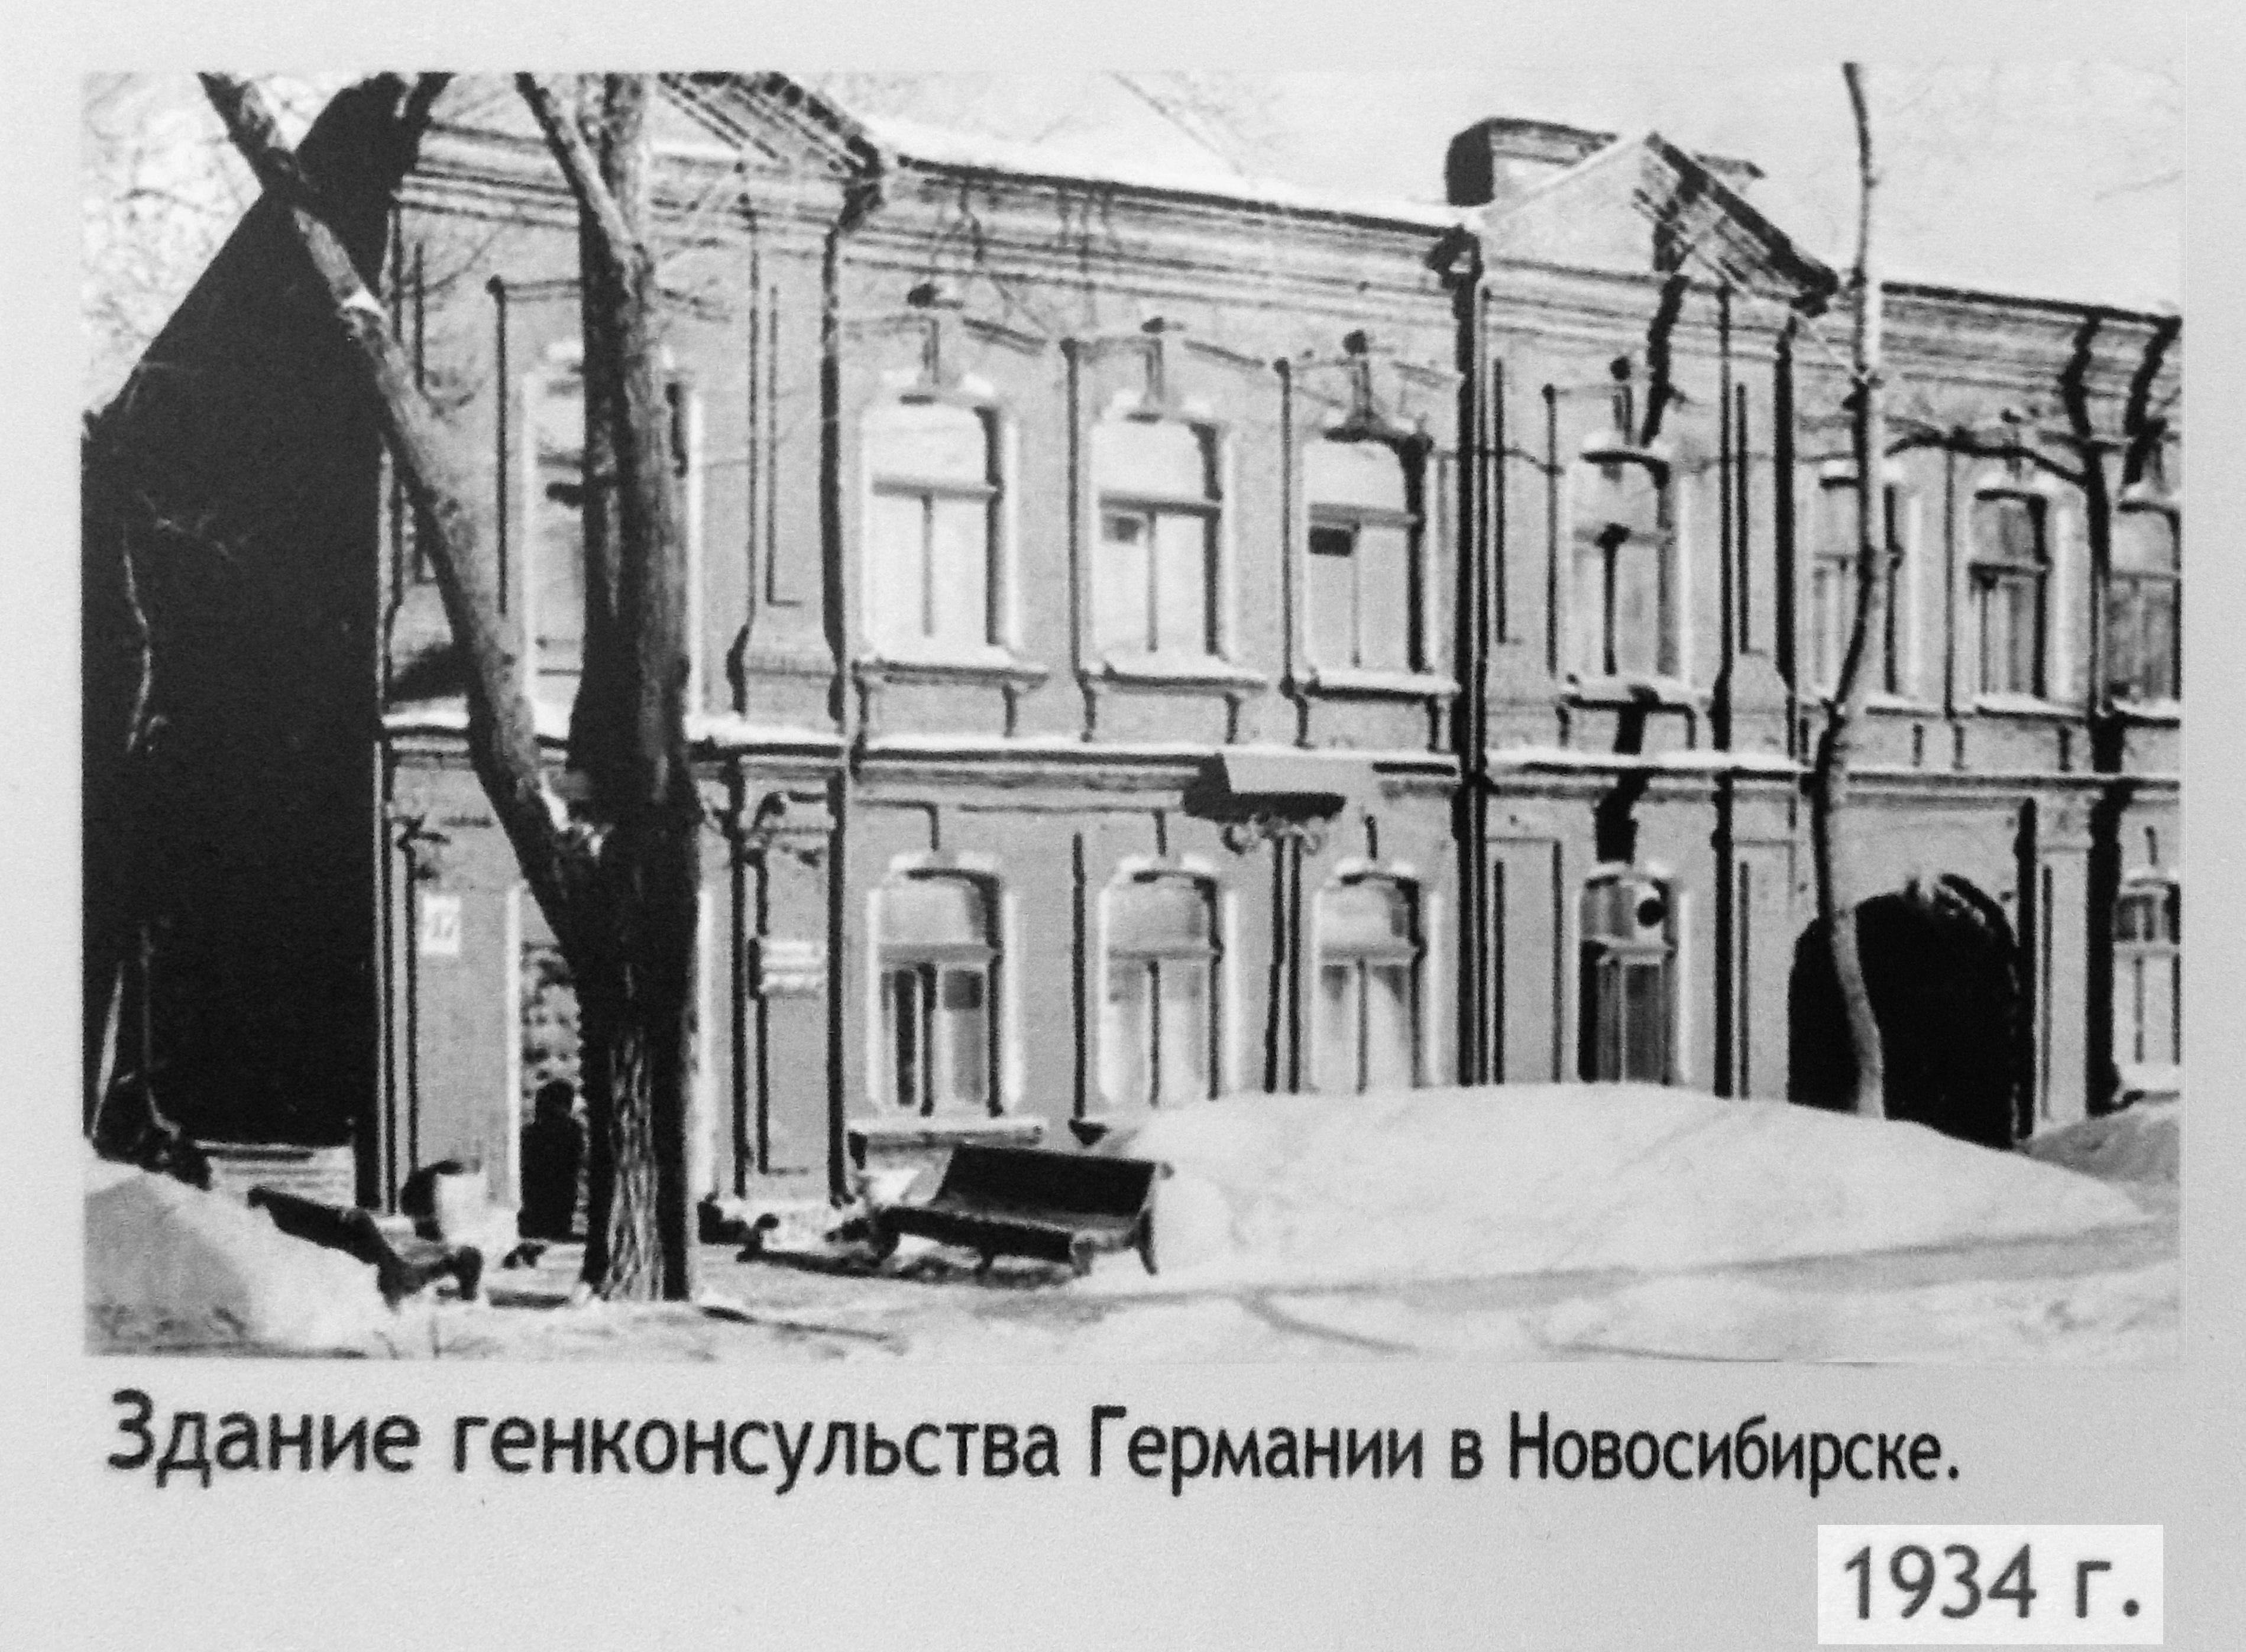 https://images.vfl.ru/ii/1619581591/e4940124/34251324.jpg